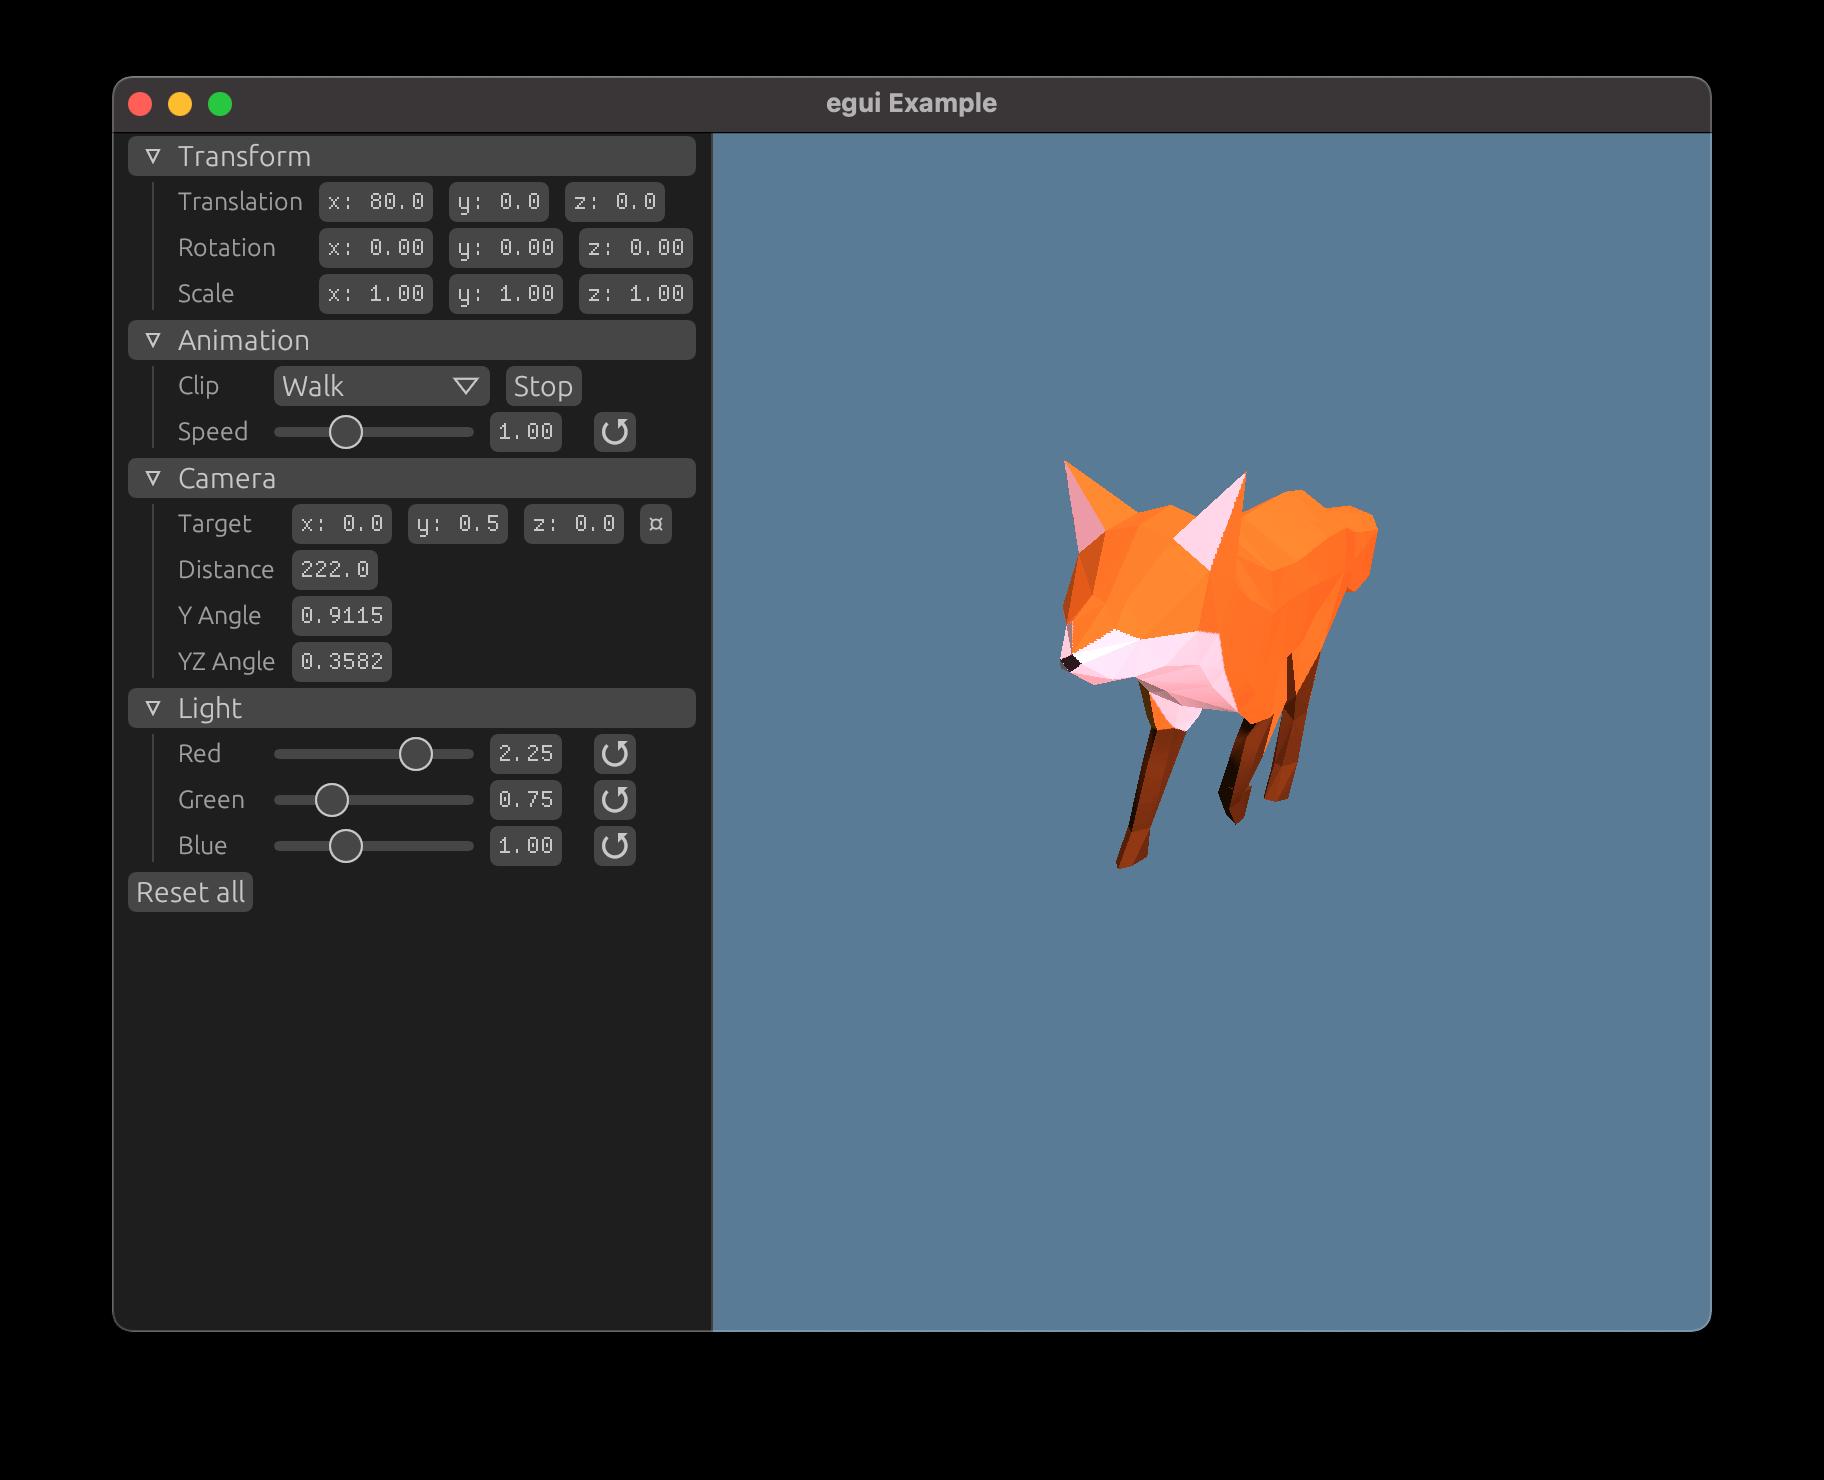 Fox model and egui controls for camera, light, etc